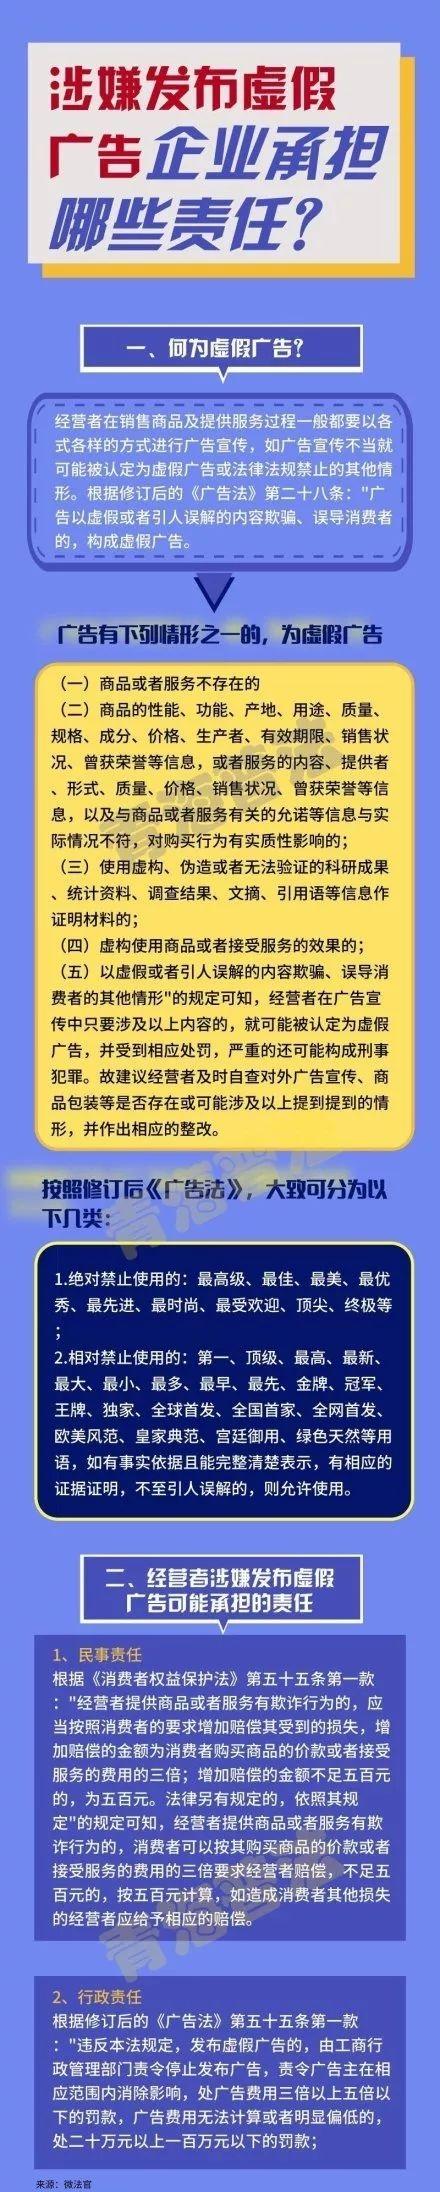 2018宝马娱乐 「健康教育」拿健胃消食片当零食?别闹了